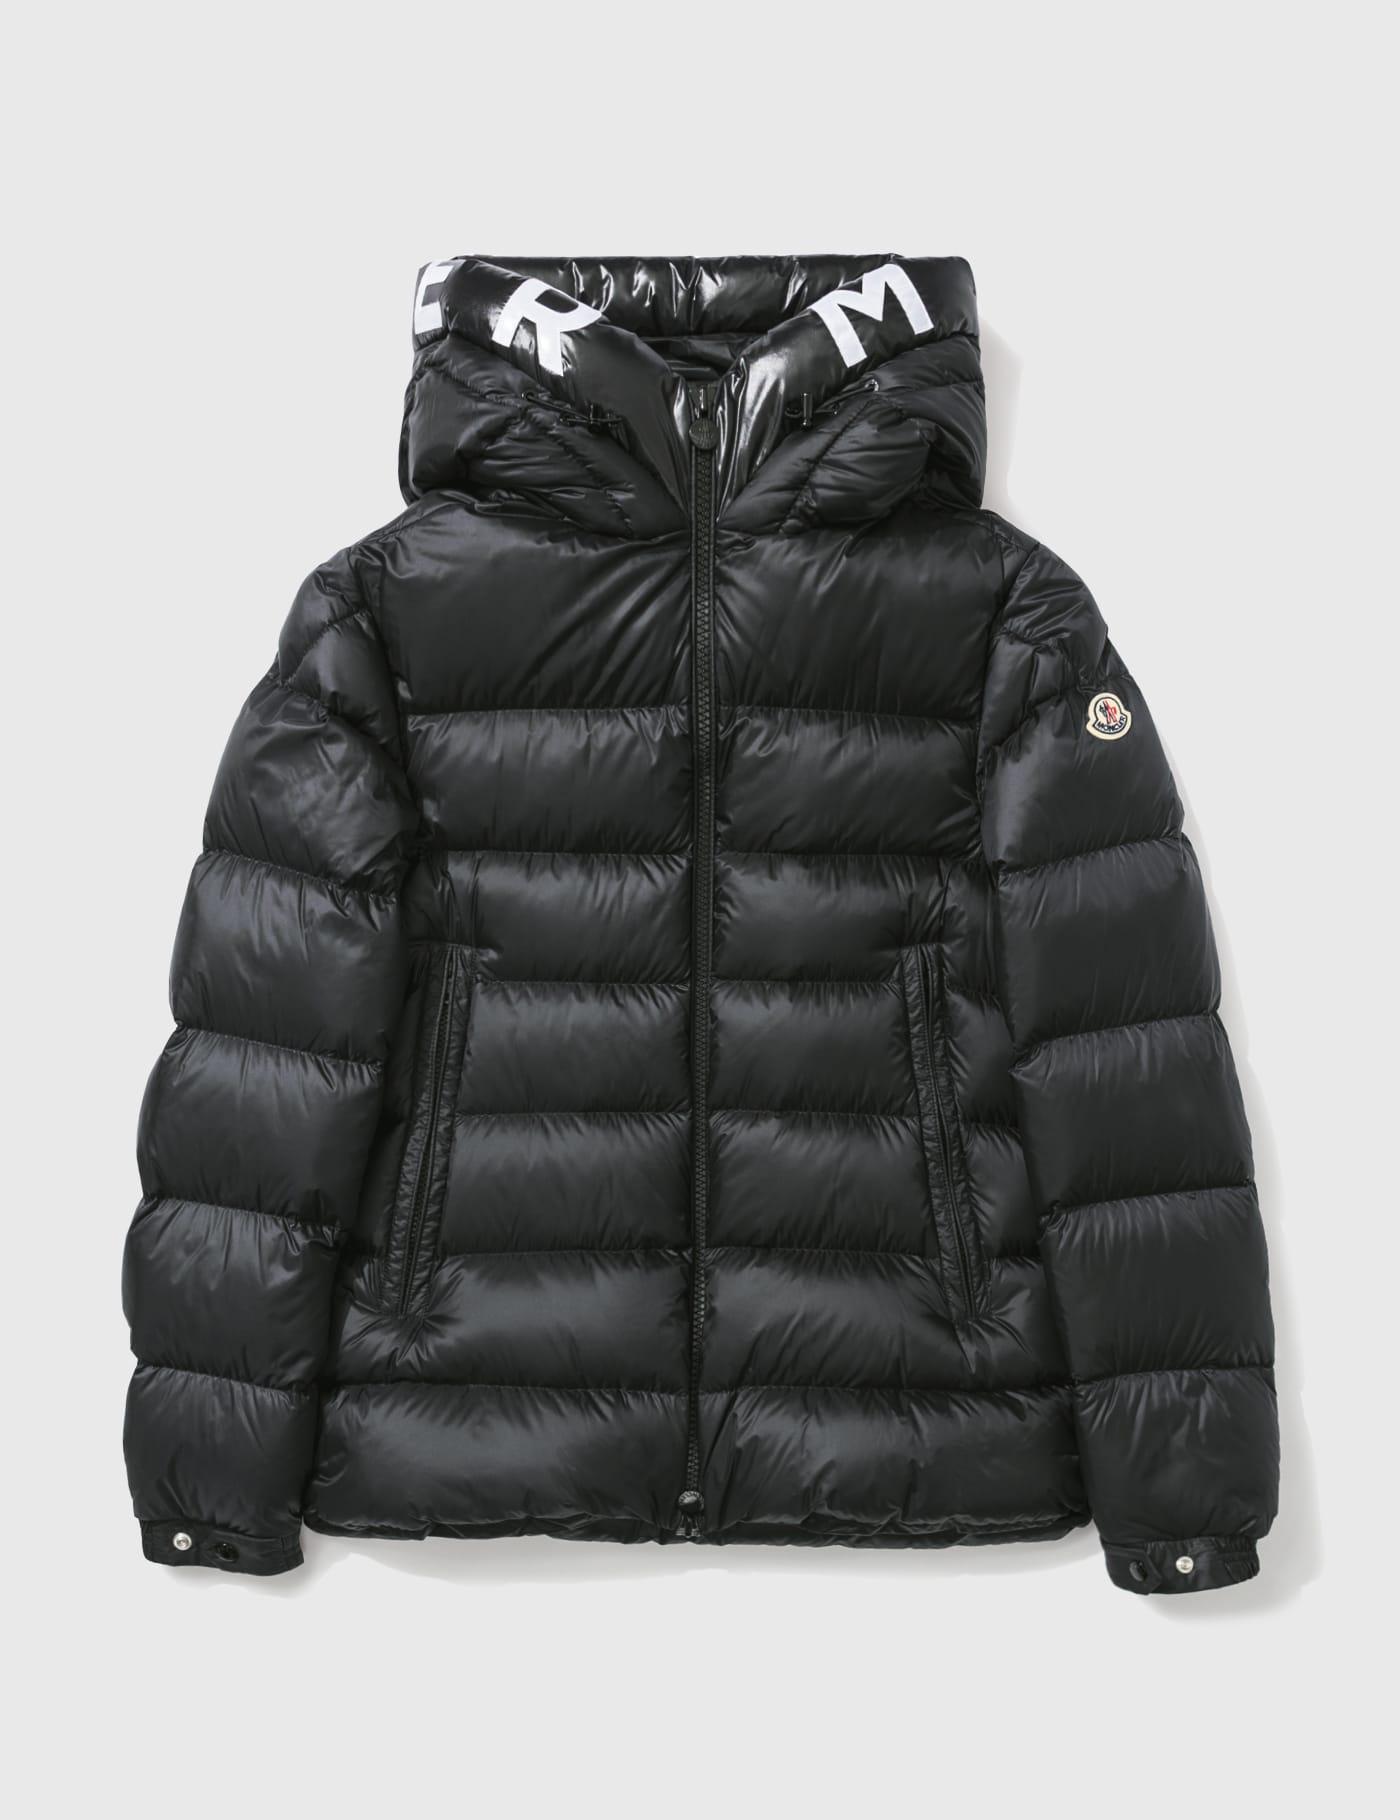 몽클레어 맨 숏패딩 Moncler Salzman Jacket